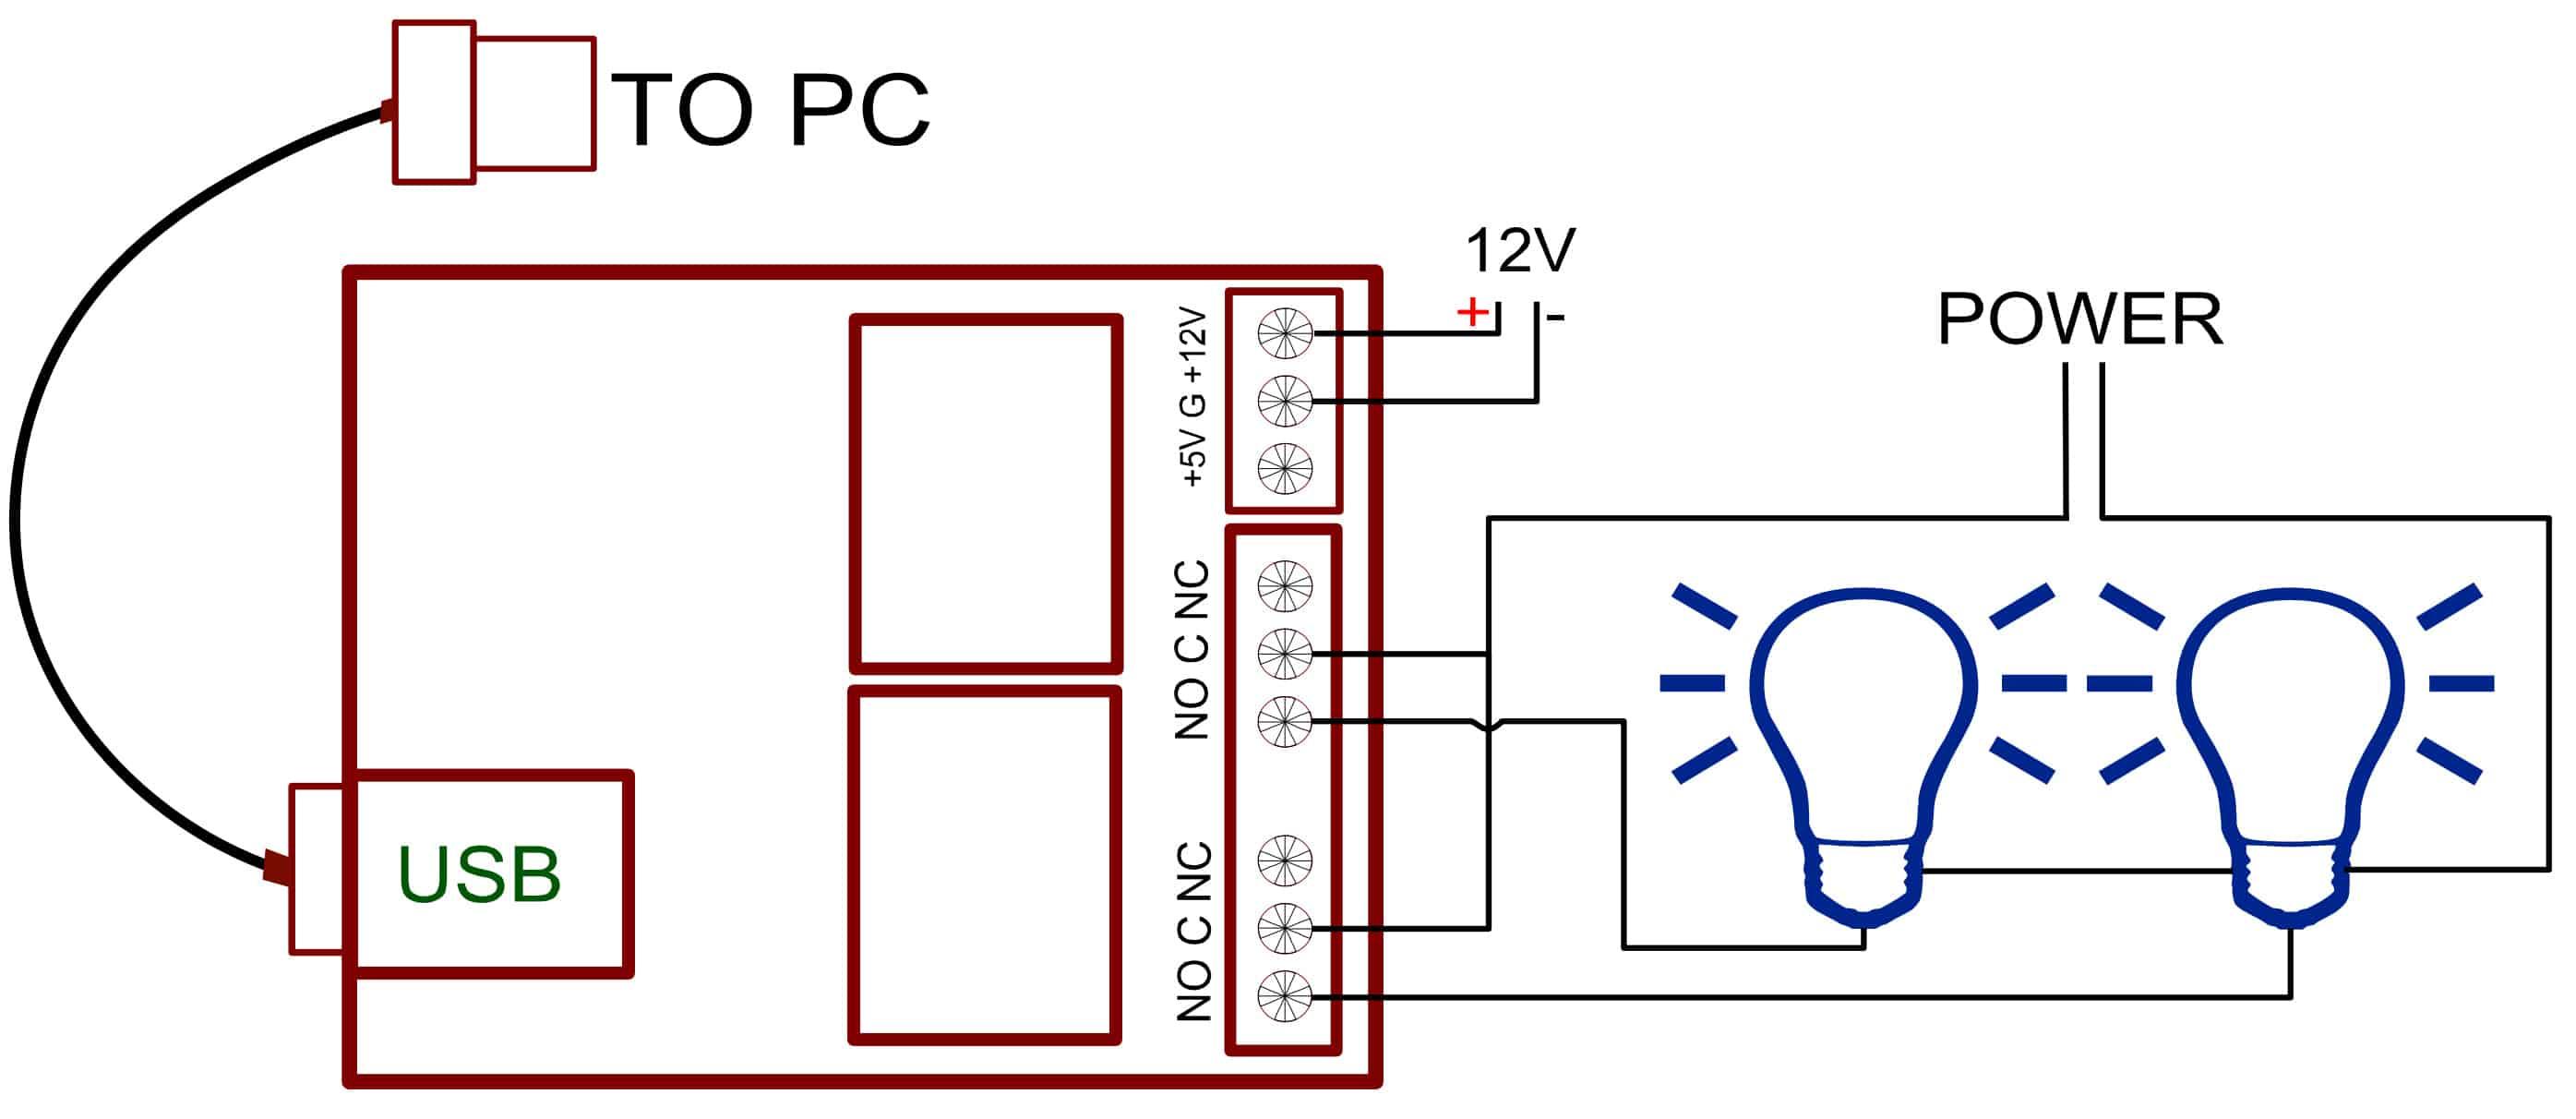 tp100 module wiring diagram 2005 ford escape xlt 4 channel usb relay numato lab documentation portal